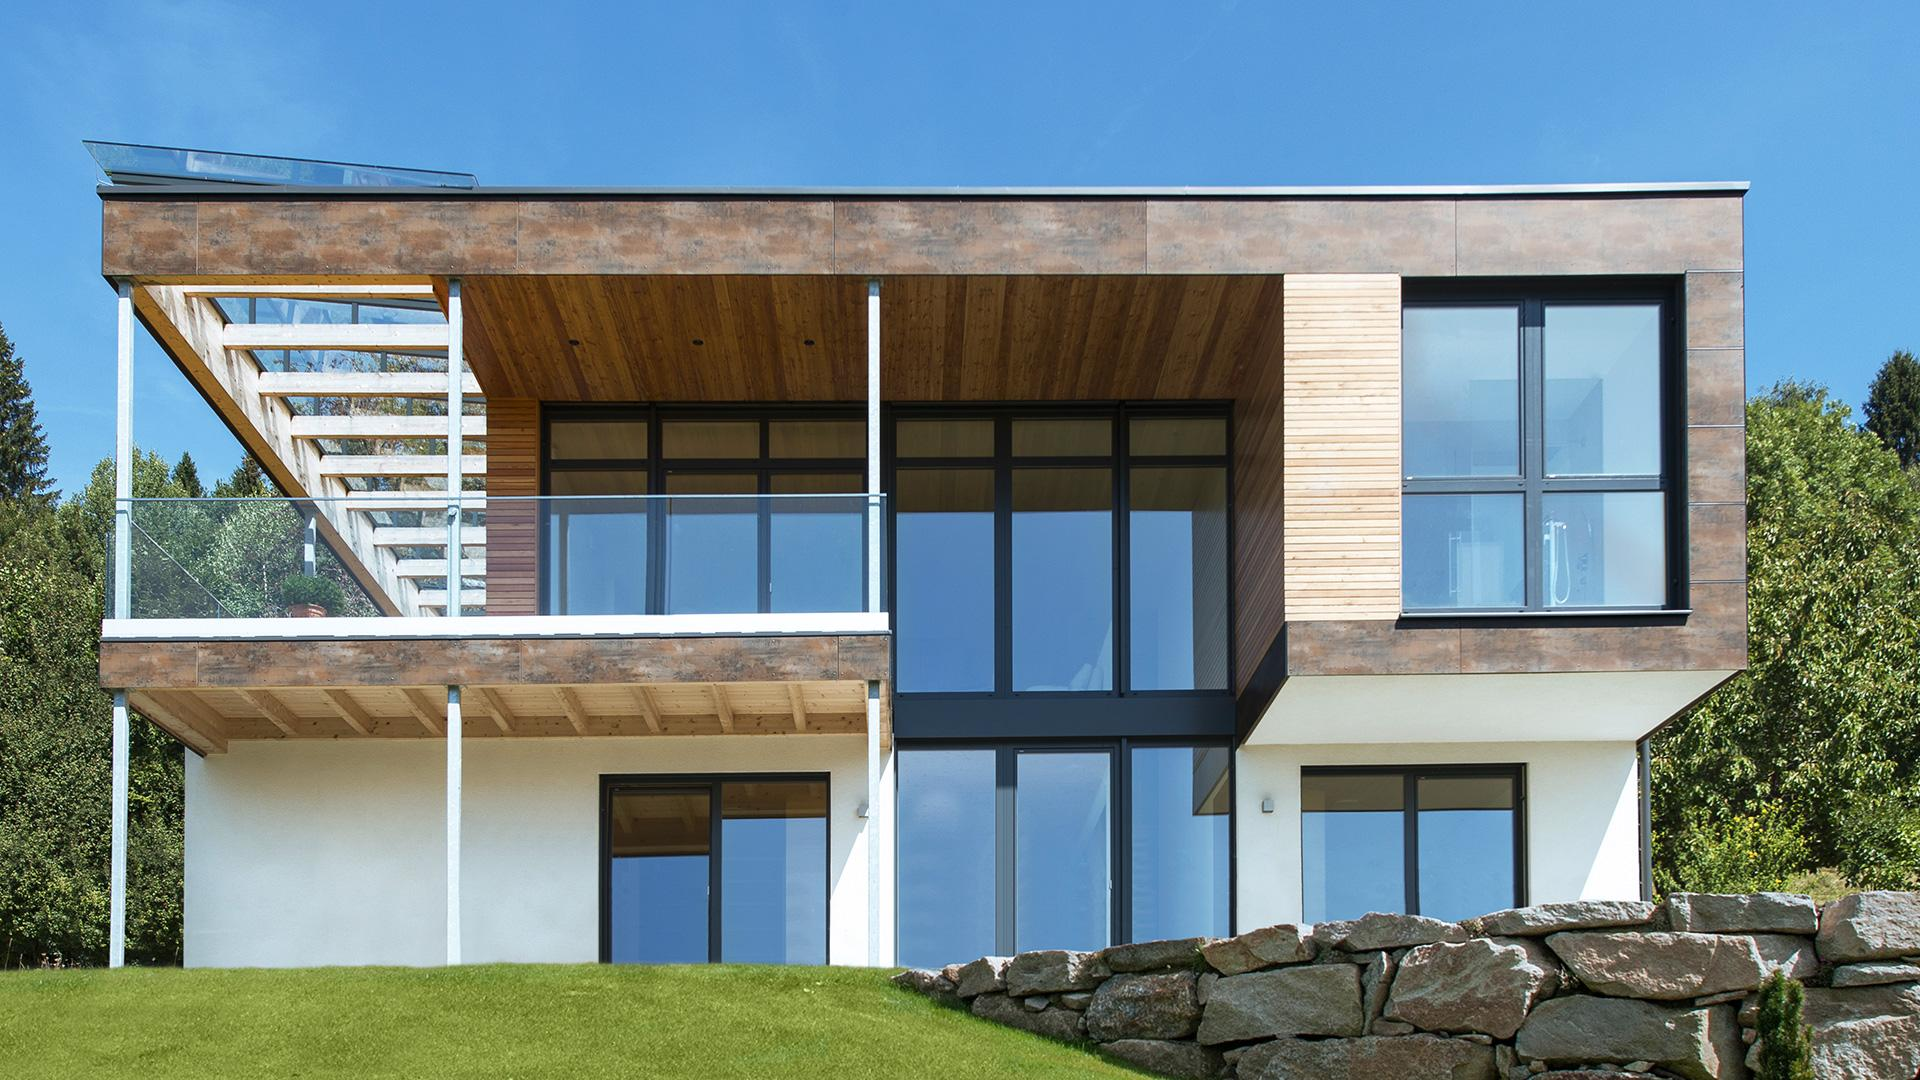 Fenster außenansicht haus  Linara GmbH - Terrassenüberdachung